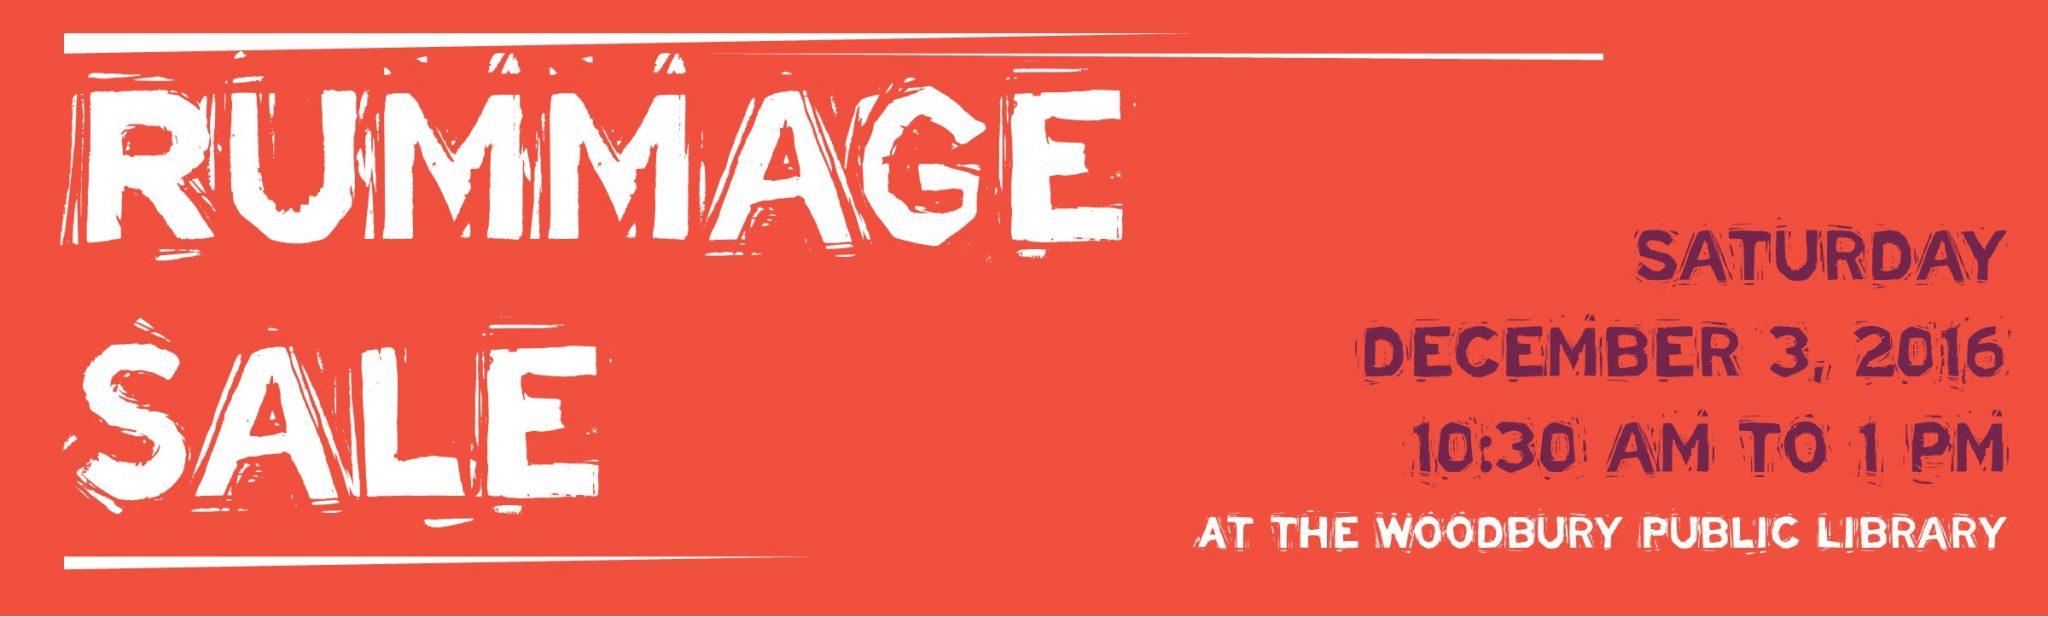 12-03-16 rummage sale